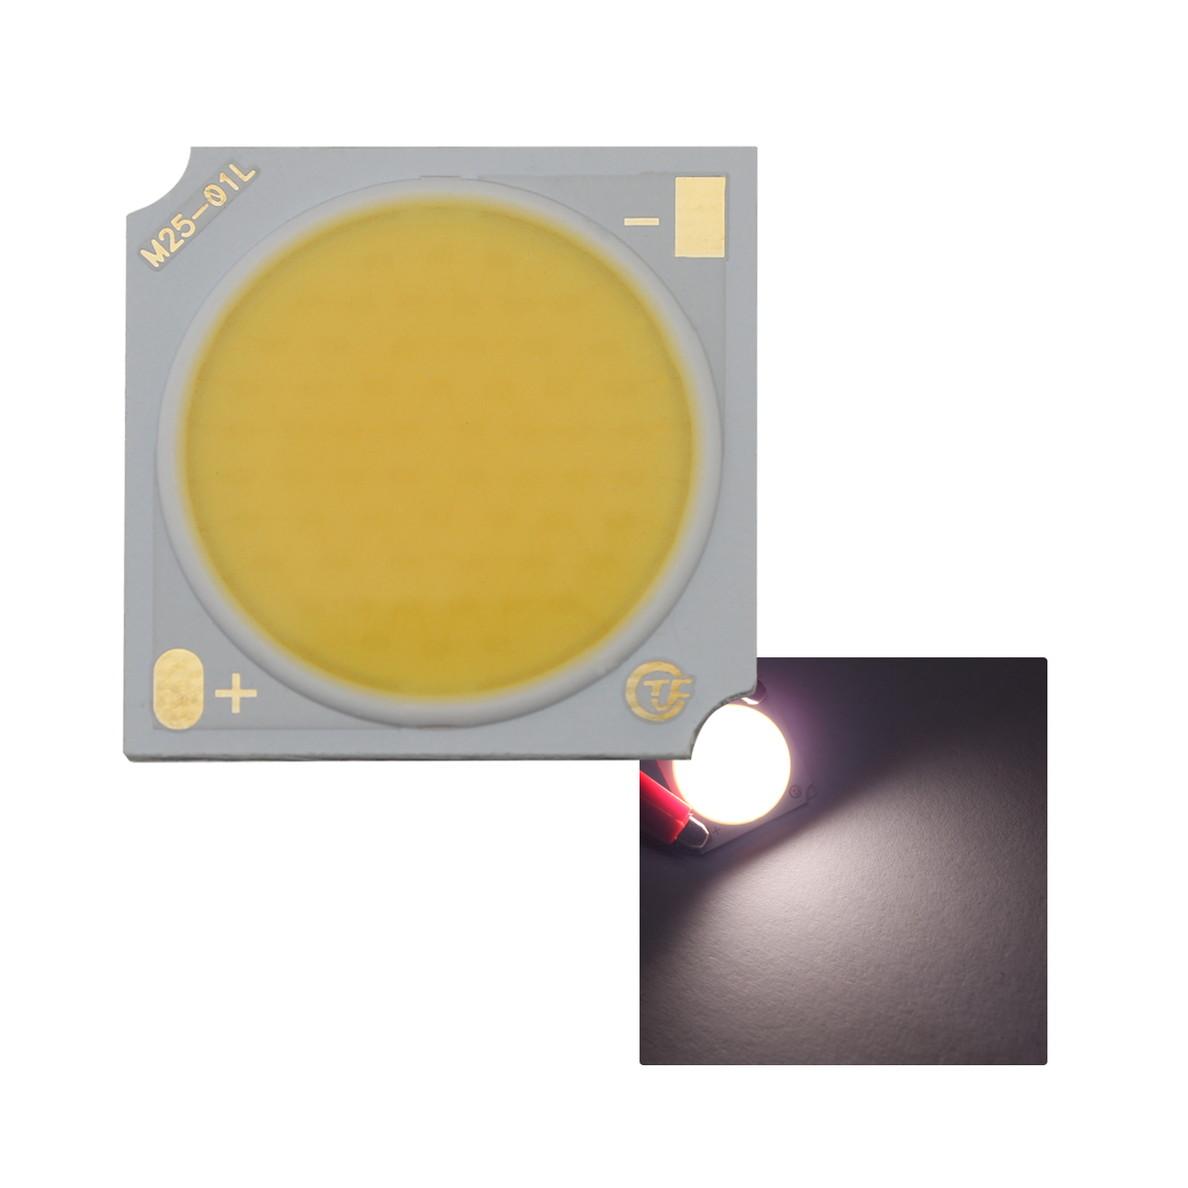 8584(1個) COB ショーケース用 LED (野菜・フルーツ向け) 1919 (30W) 4800-5300K 110-120LM/W 30-34V 960mA 90Ra